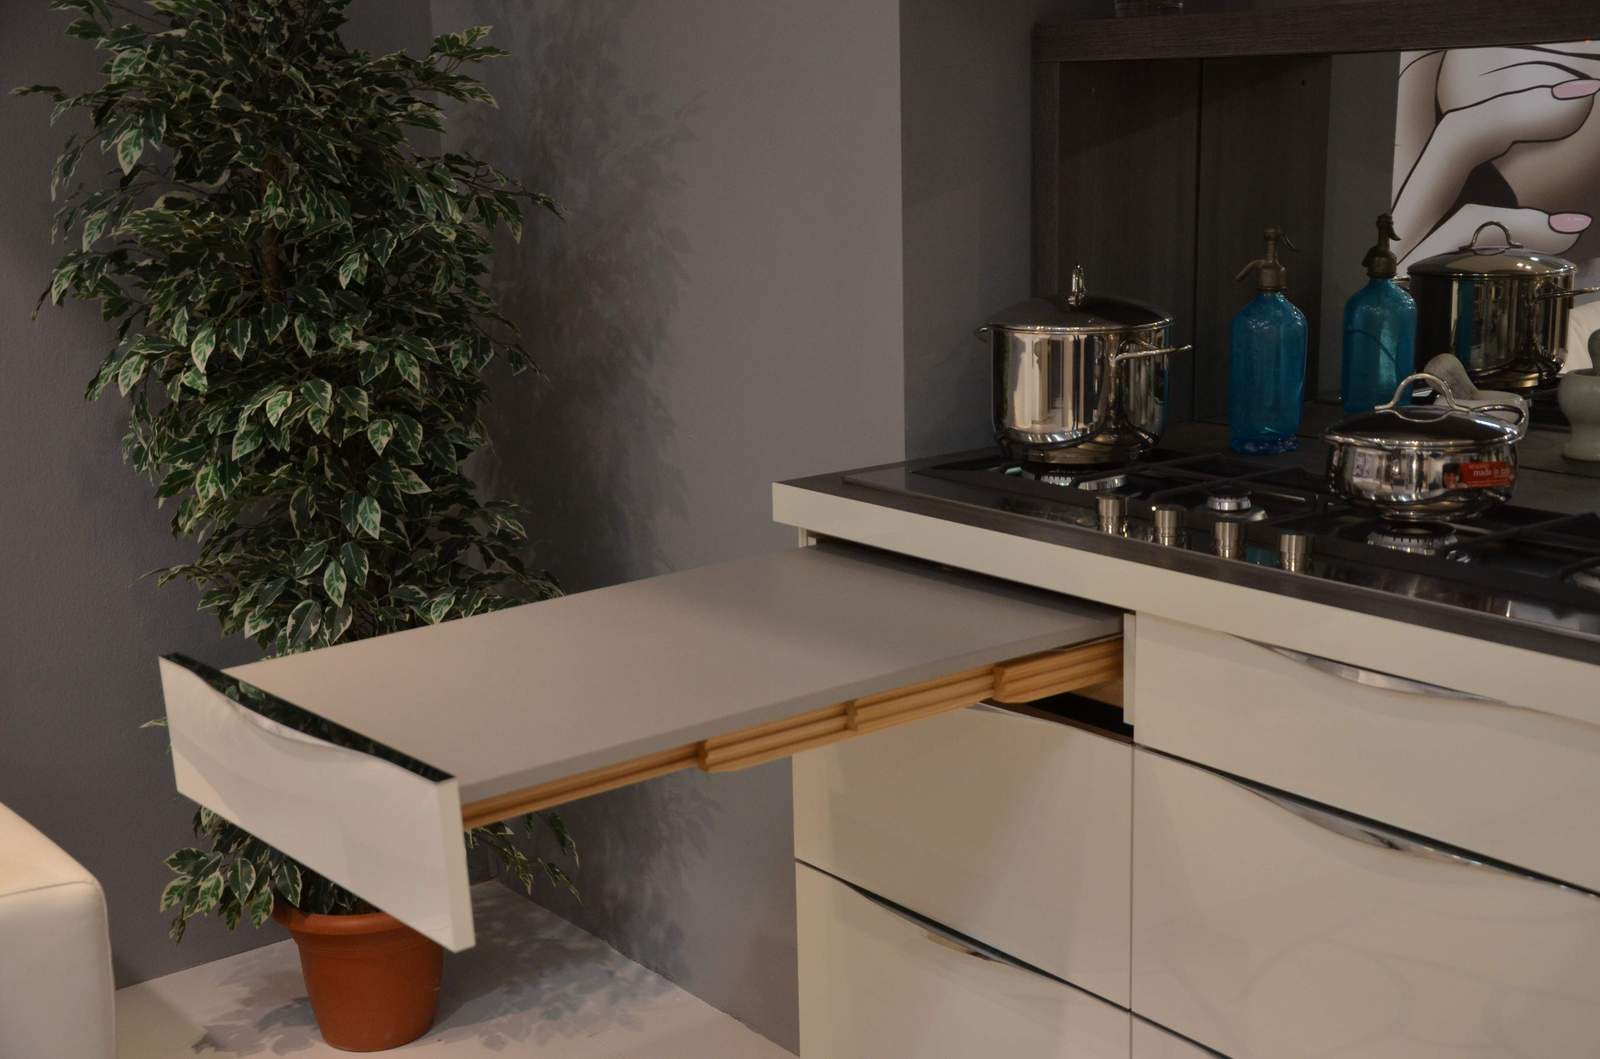 Promozione trendlack outlet kuchen design roma for Cucine di design outlet